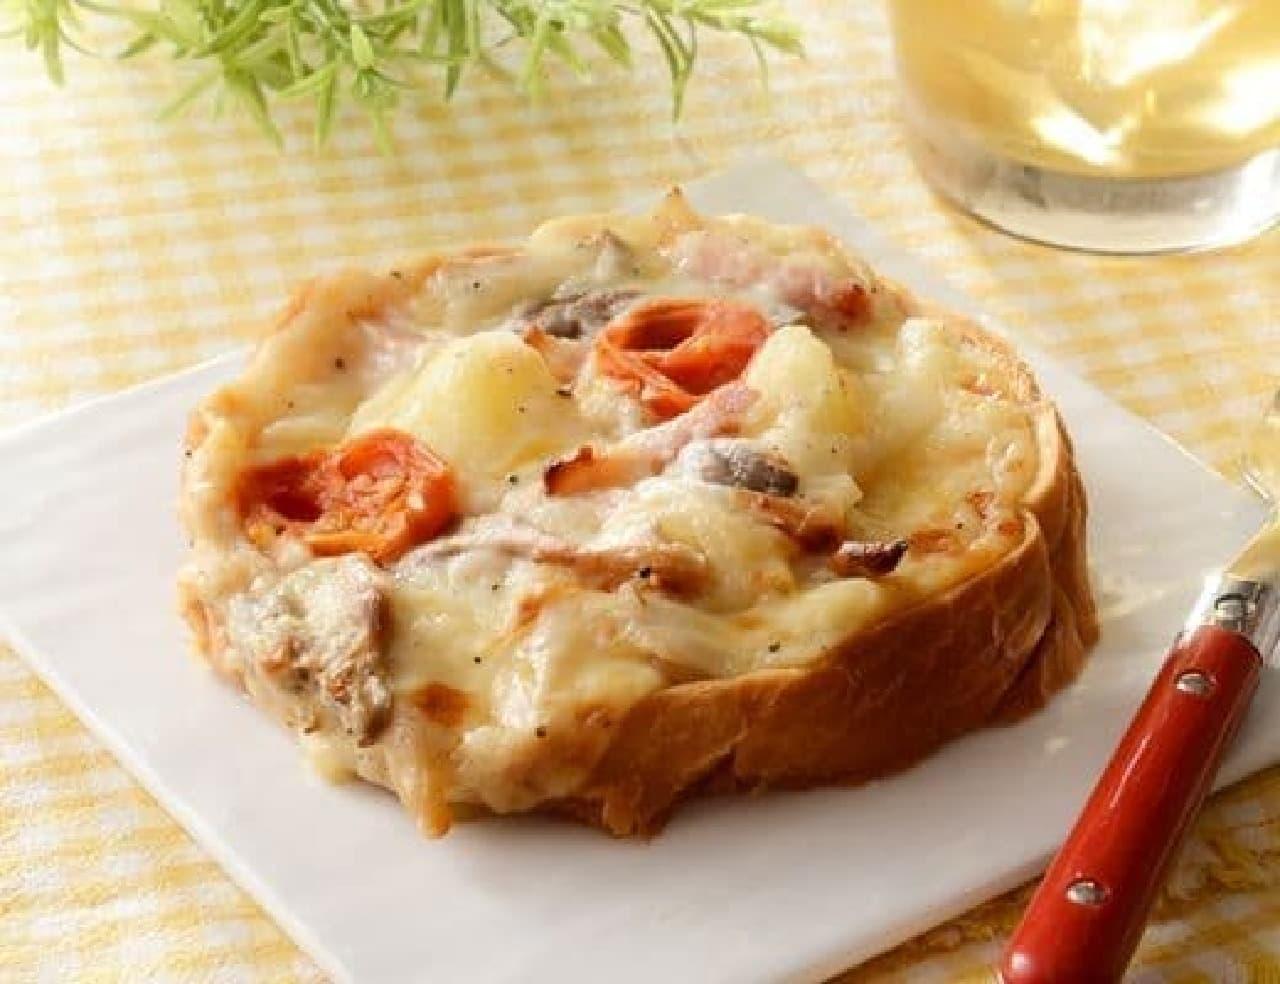 ローソン「6種チーズとごろごろ野菜のオープンサンド」